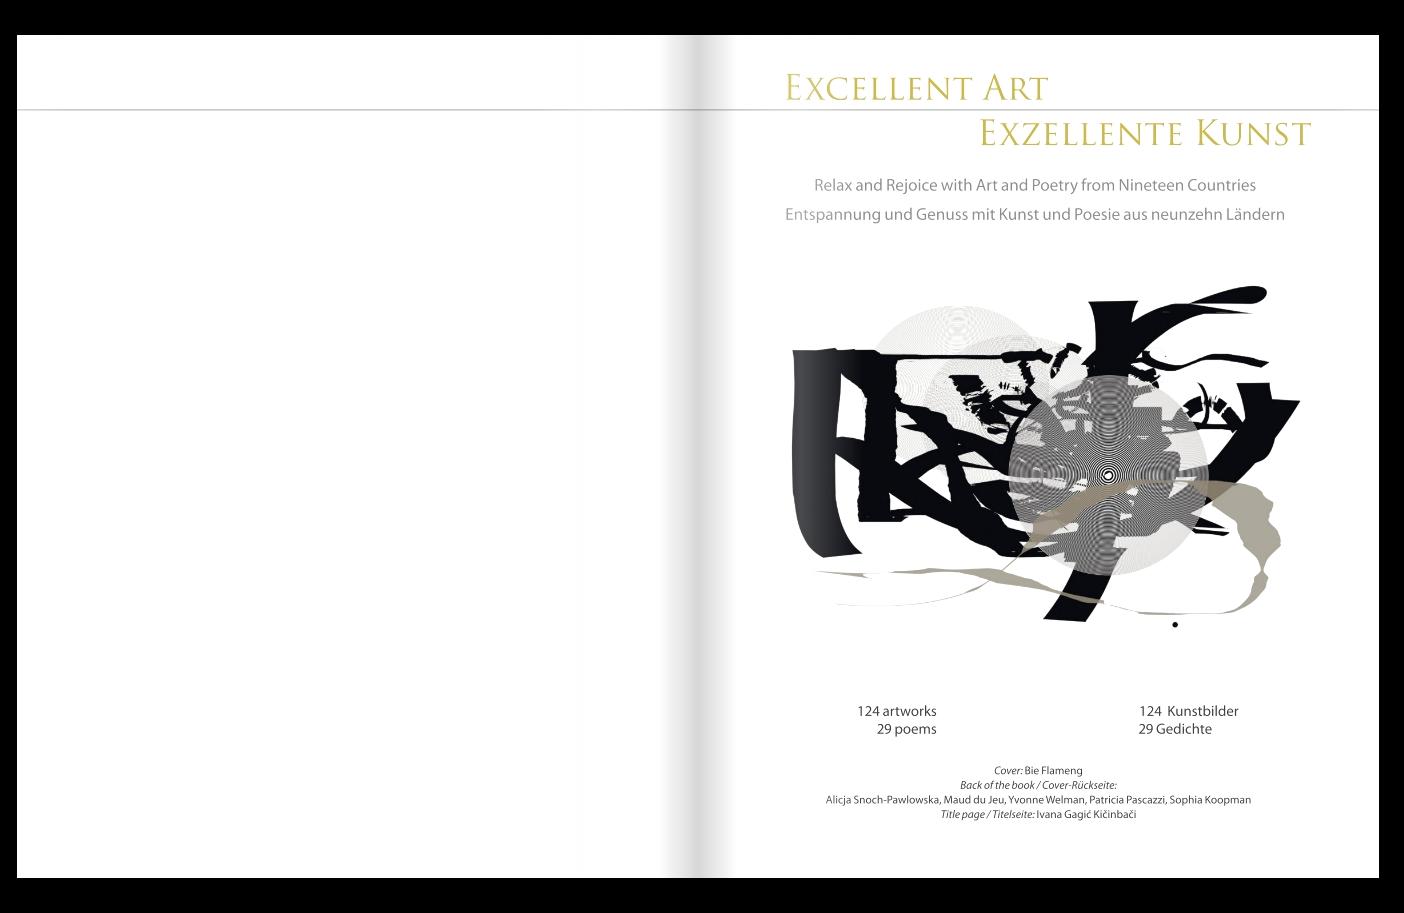 Excellent Art_Title page_2019